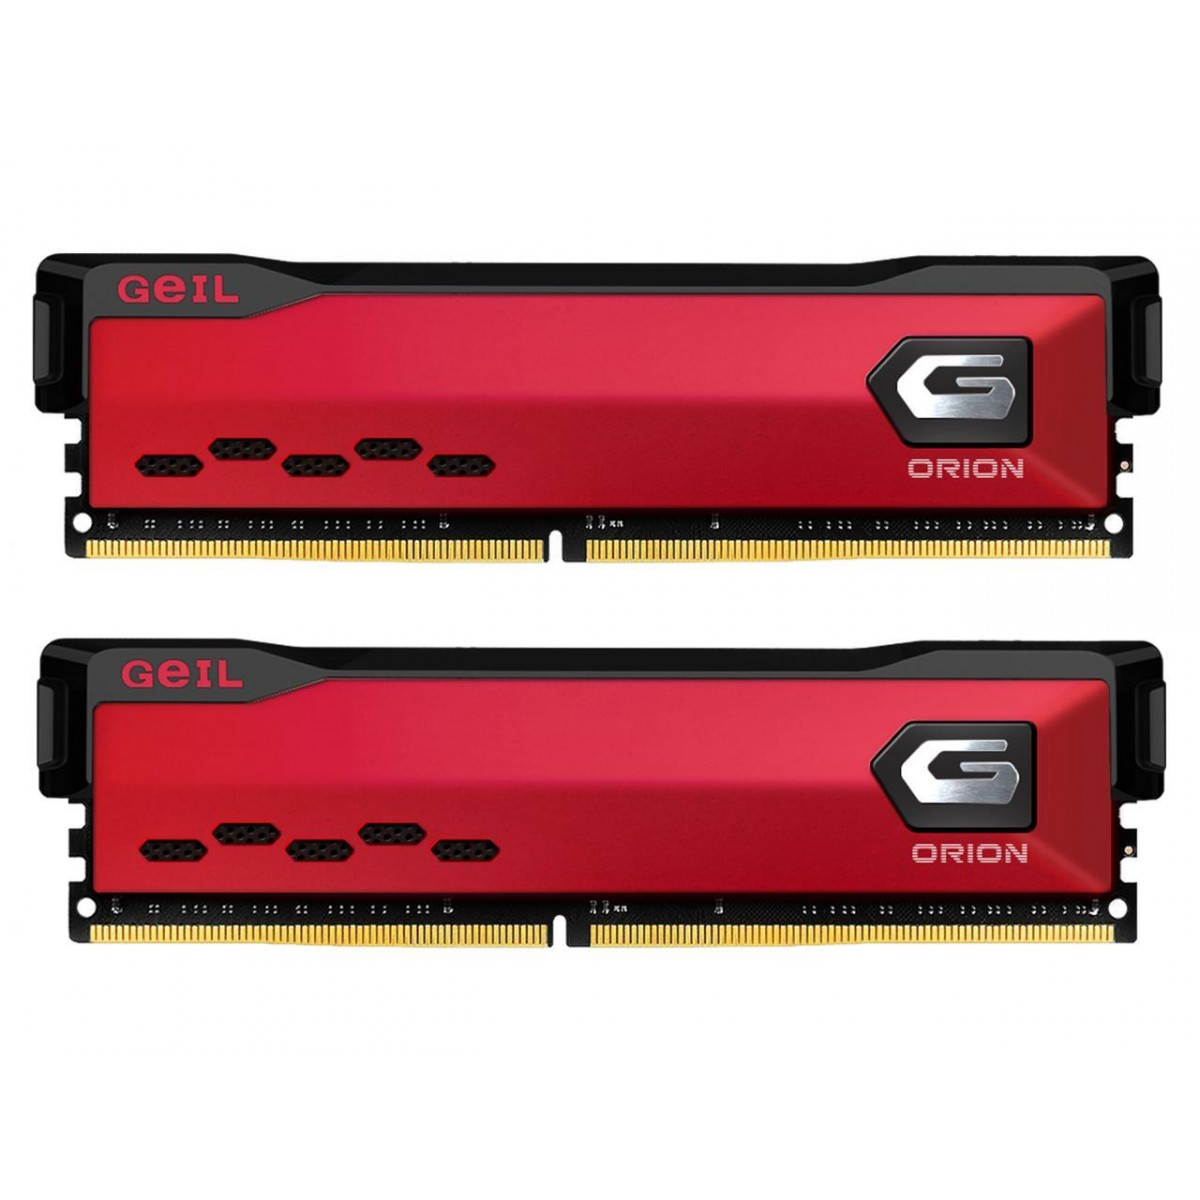 Memória DDR4 Geil Orion, 16GB (2x8GB) 3600MHz, Red, GAOR416GB3600C18BDC